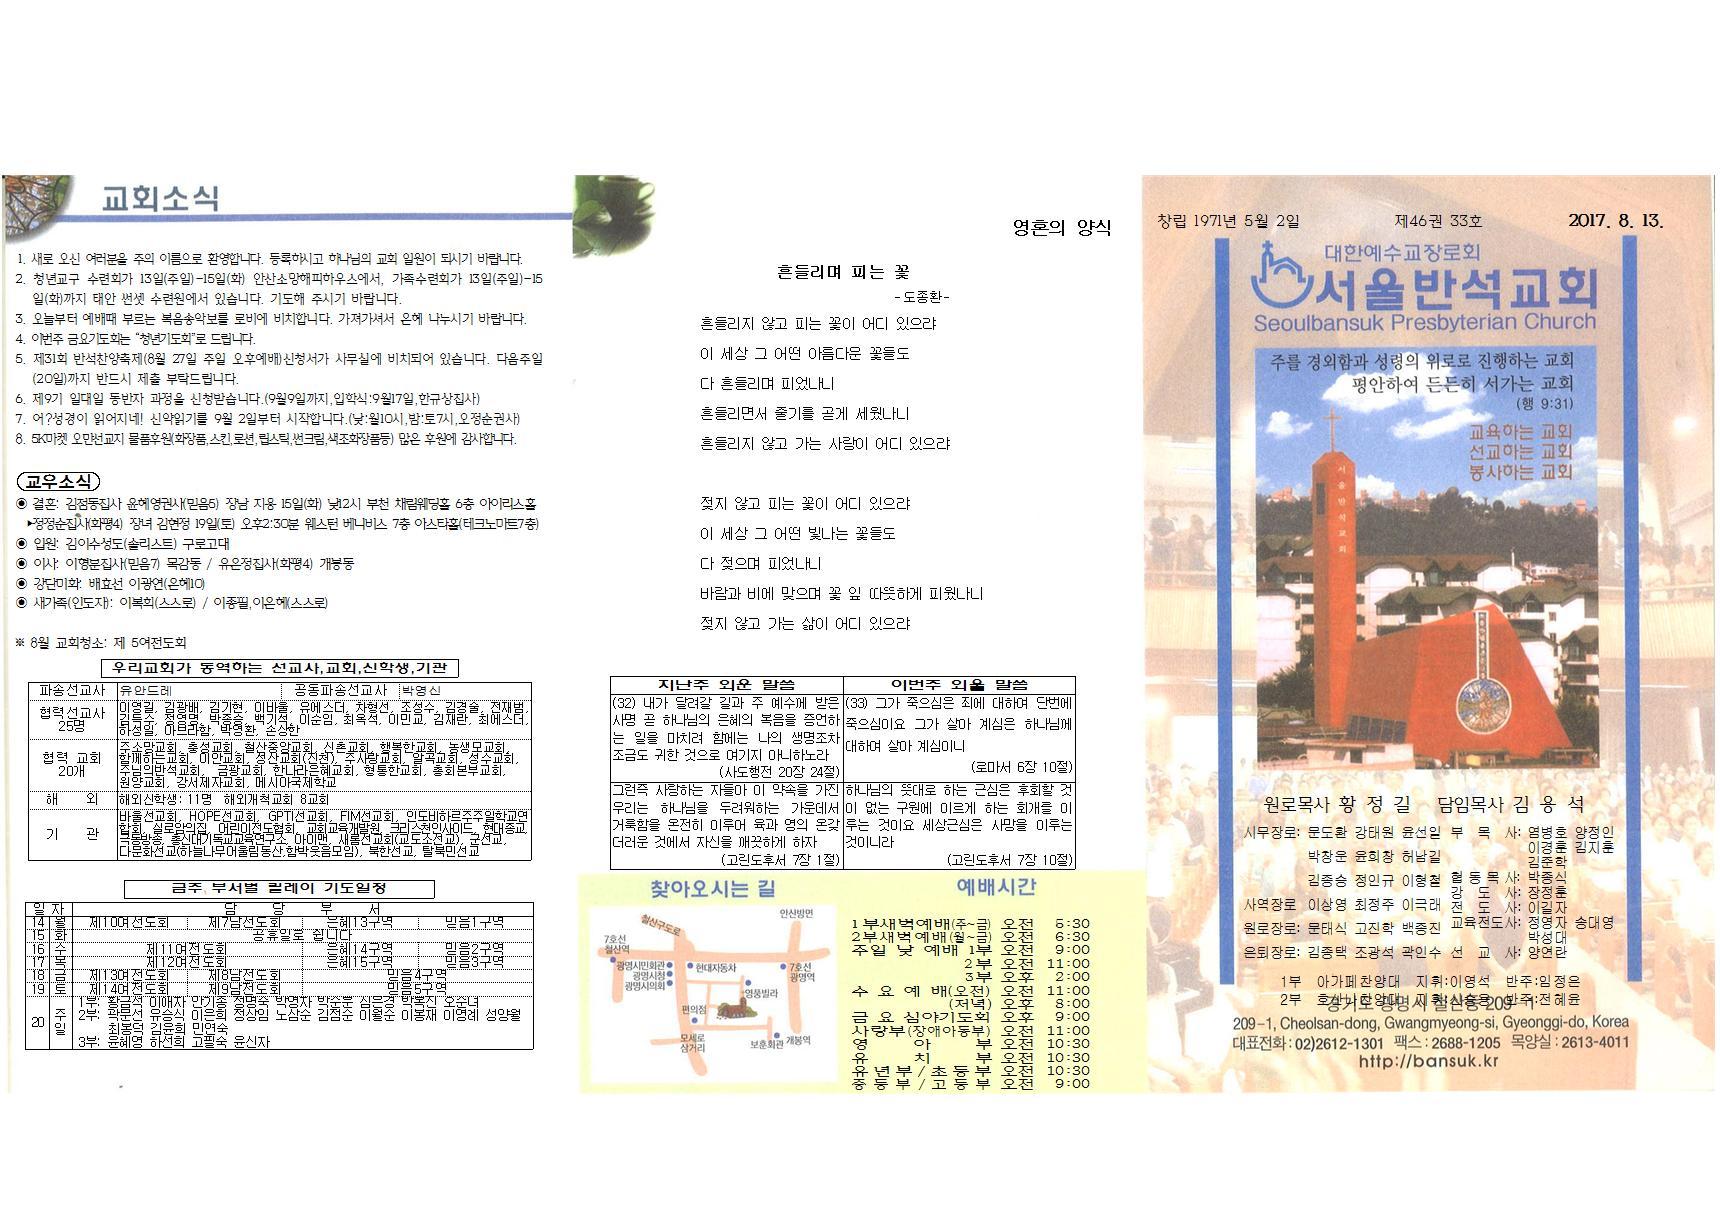 주보 제46권 33호(2017.08.13)